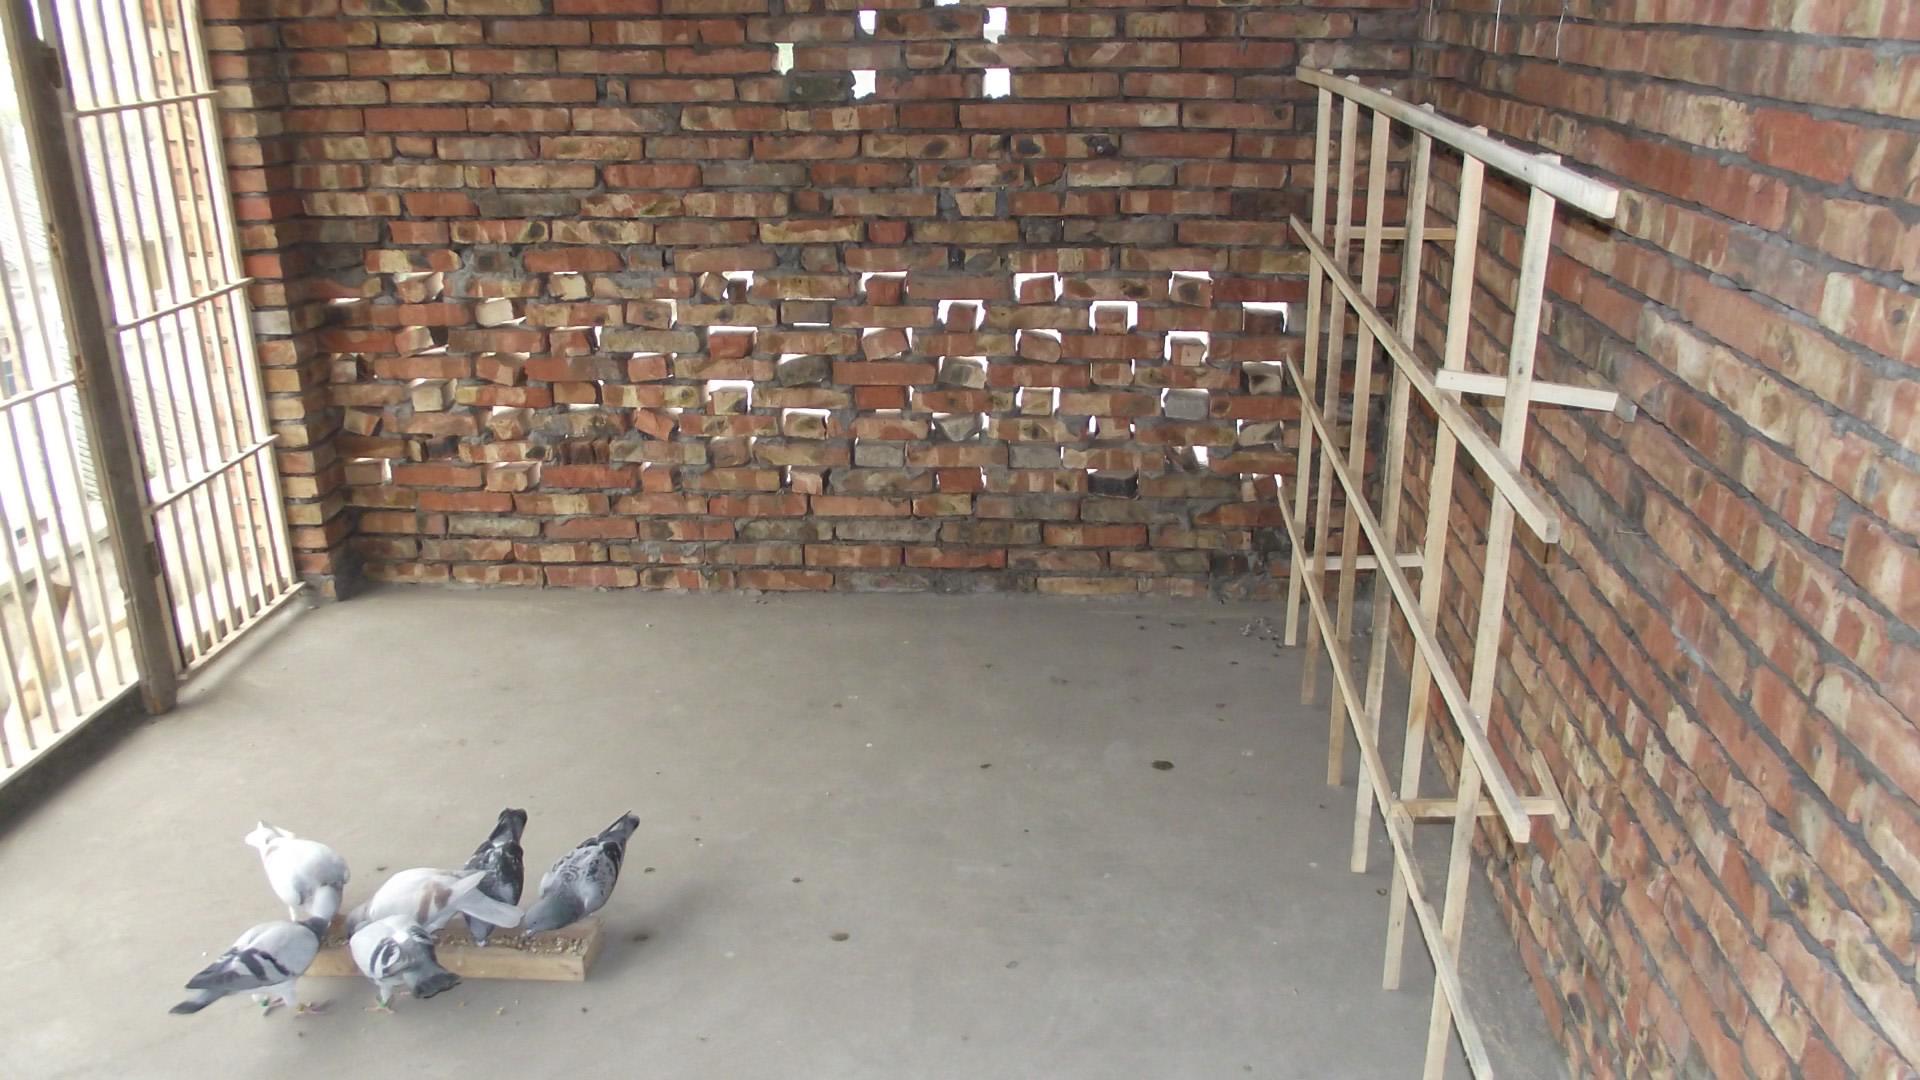 中国信鸽信息网论坛 鸽舍建设 论坛展区 -鸽舍建设 论坛展区